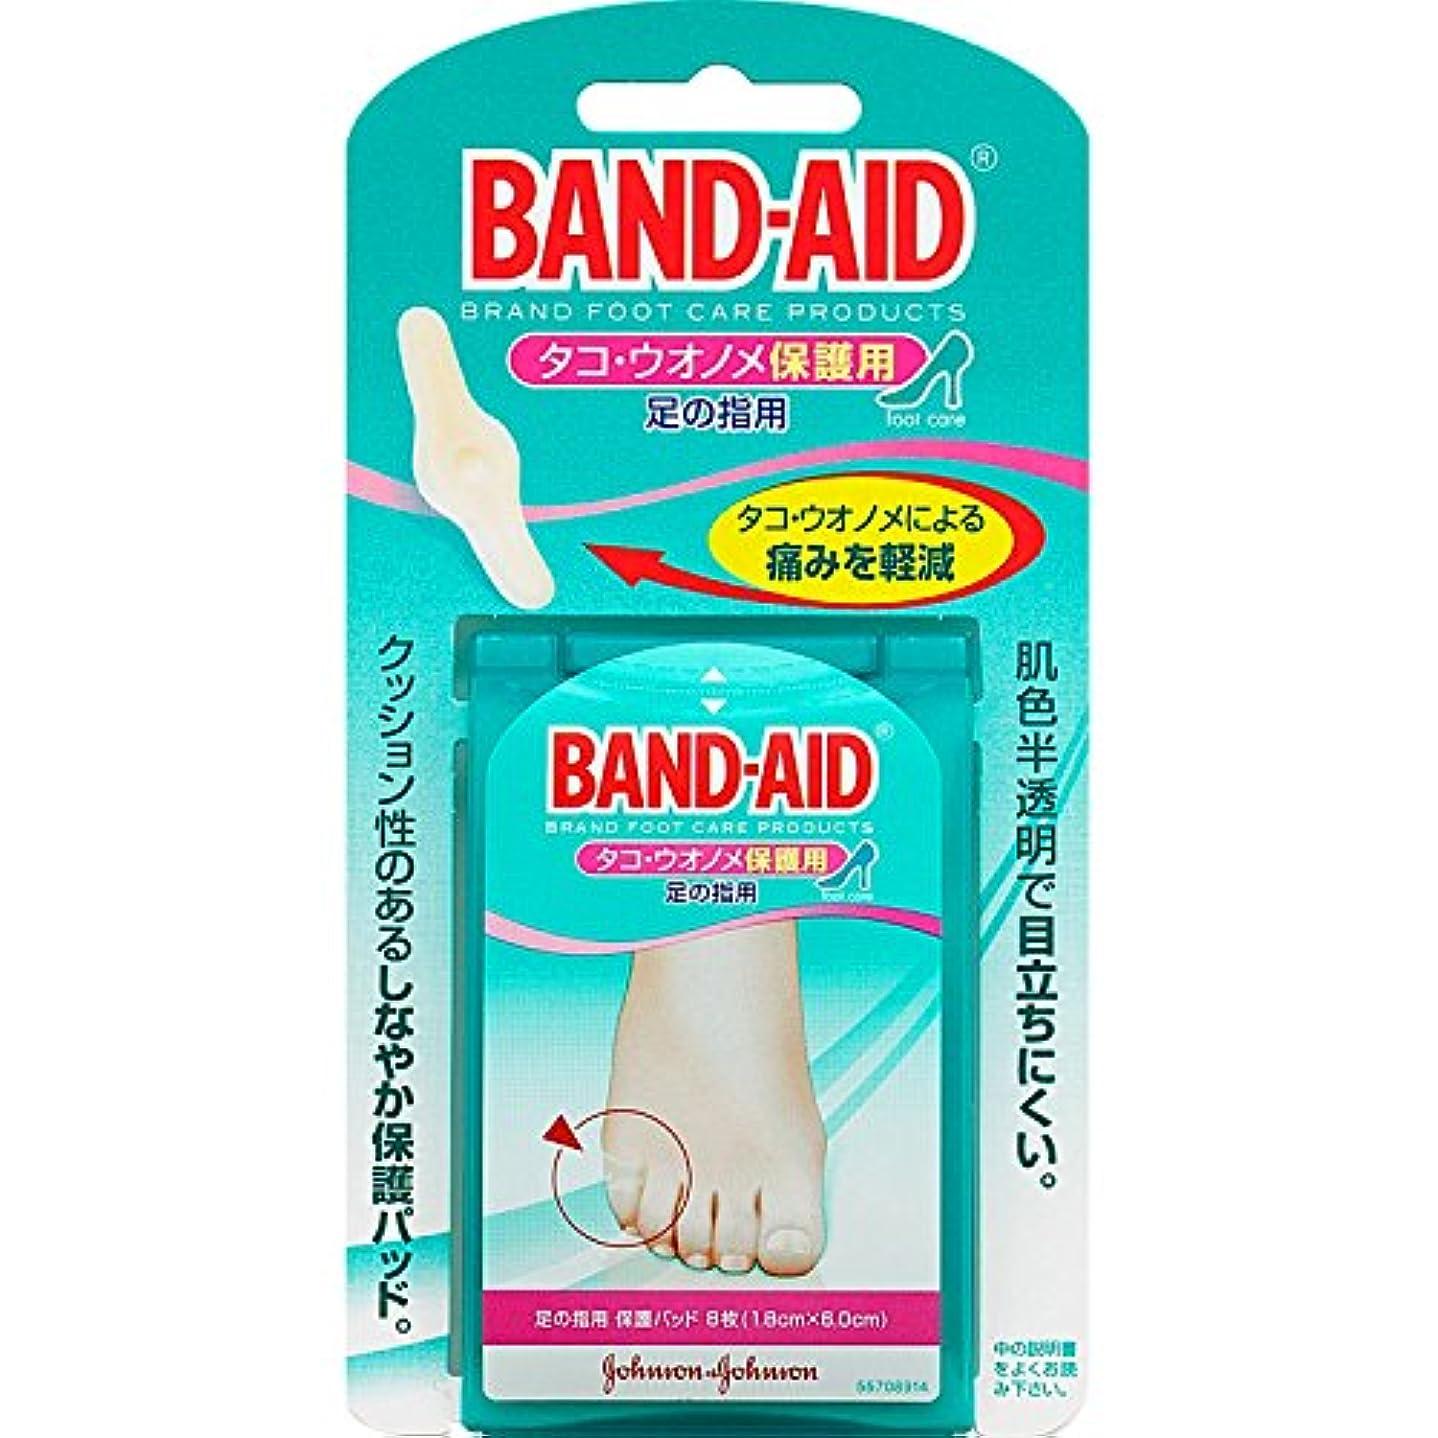 香り球状不測の事態BAND-AID(バンドエイド) タコ?ウオノメ保護用 足の指用 8枚